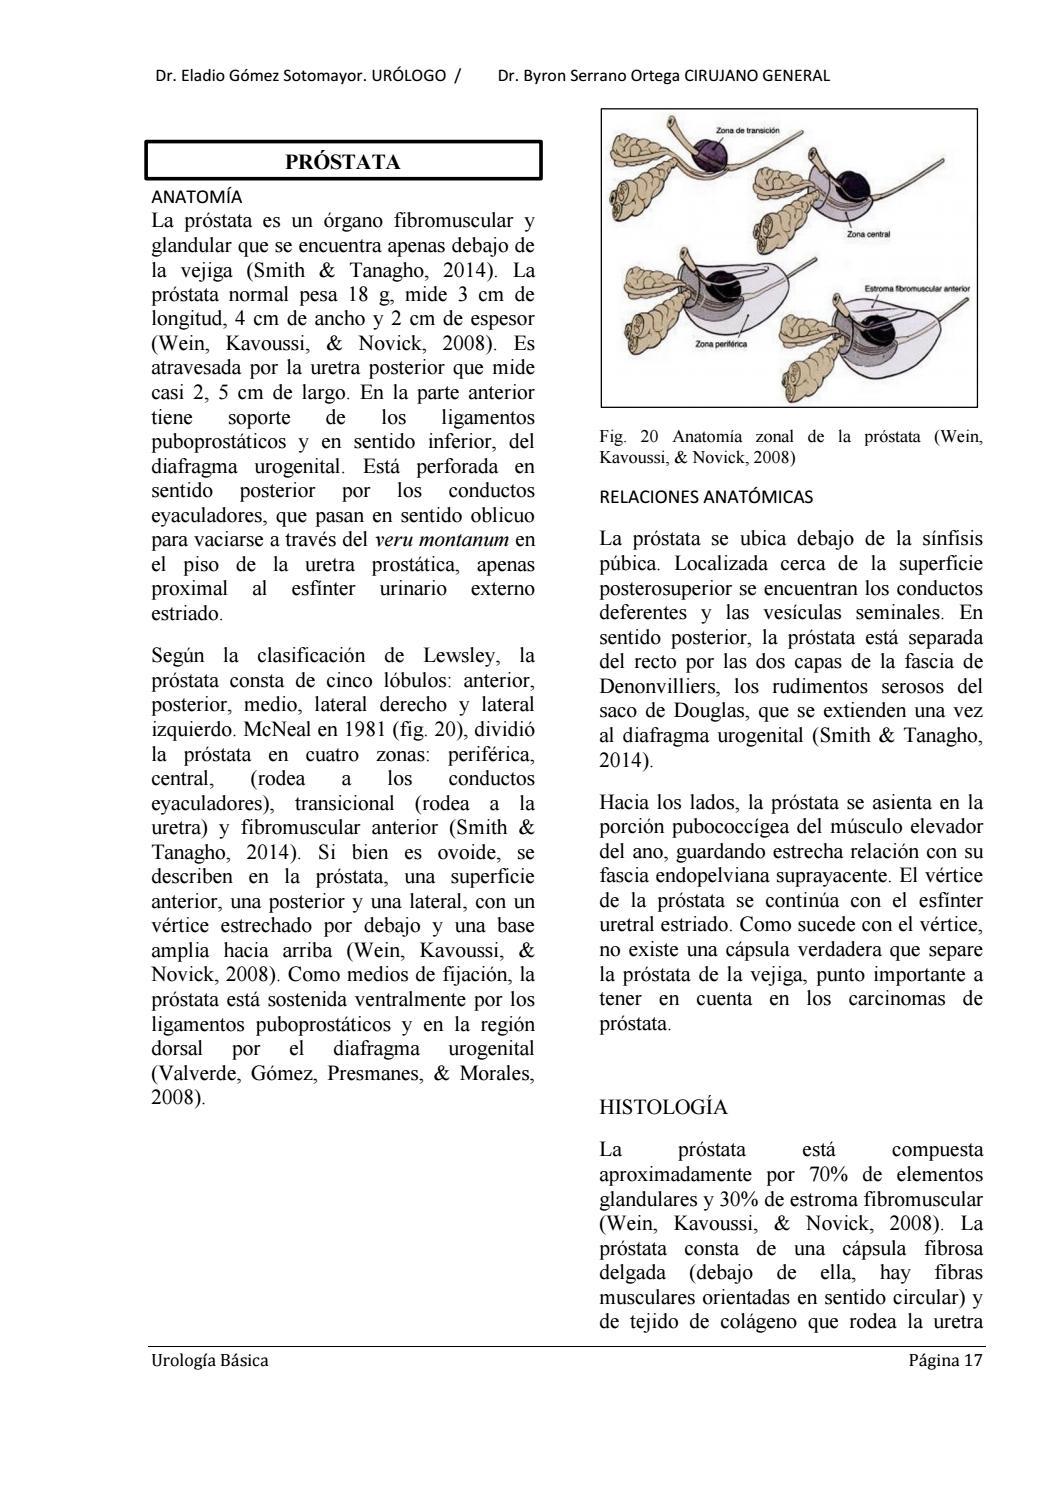 Libro de urología dr ortega b 2016 by suracademia - issuu